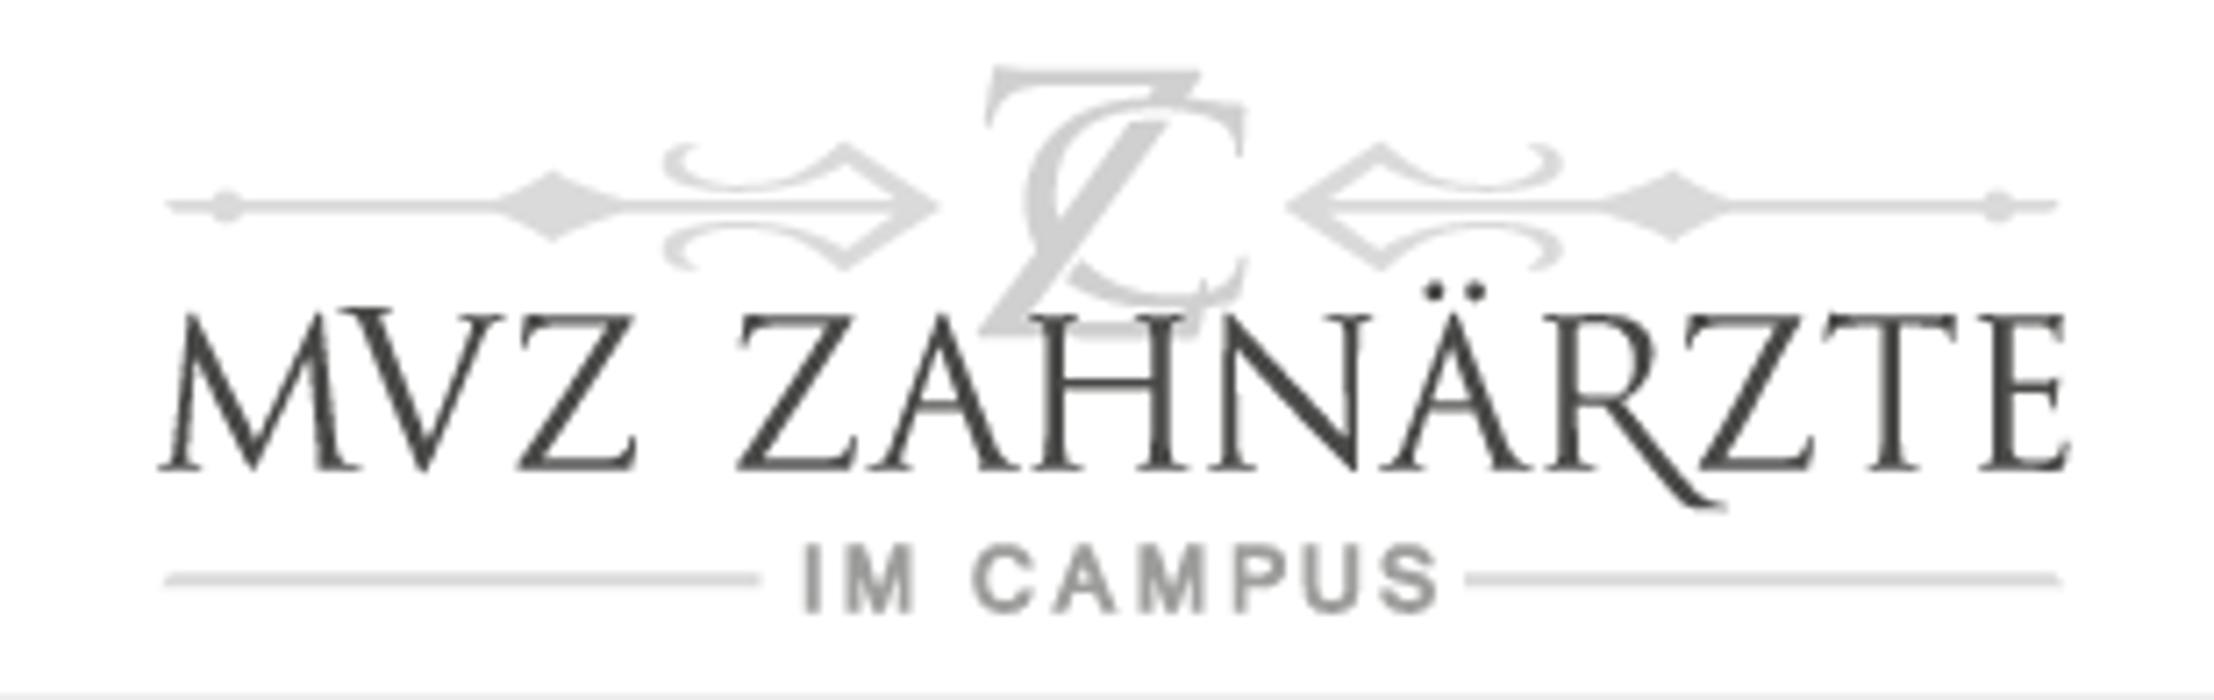 Bild zu MVZ Zahnärzte im Campus Dr. M. Hecht / J. Schubert in Erding